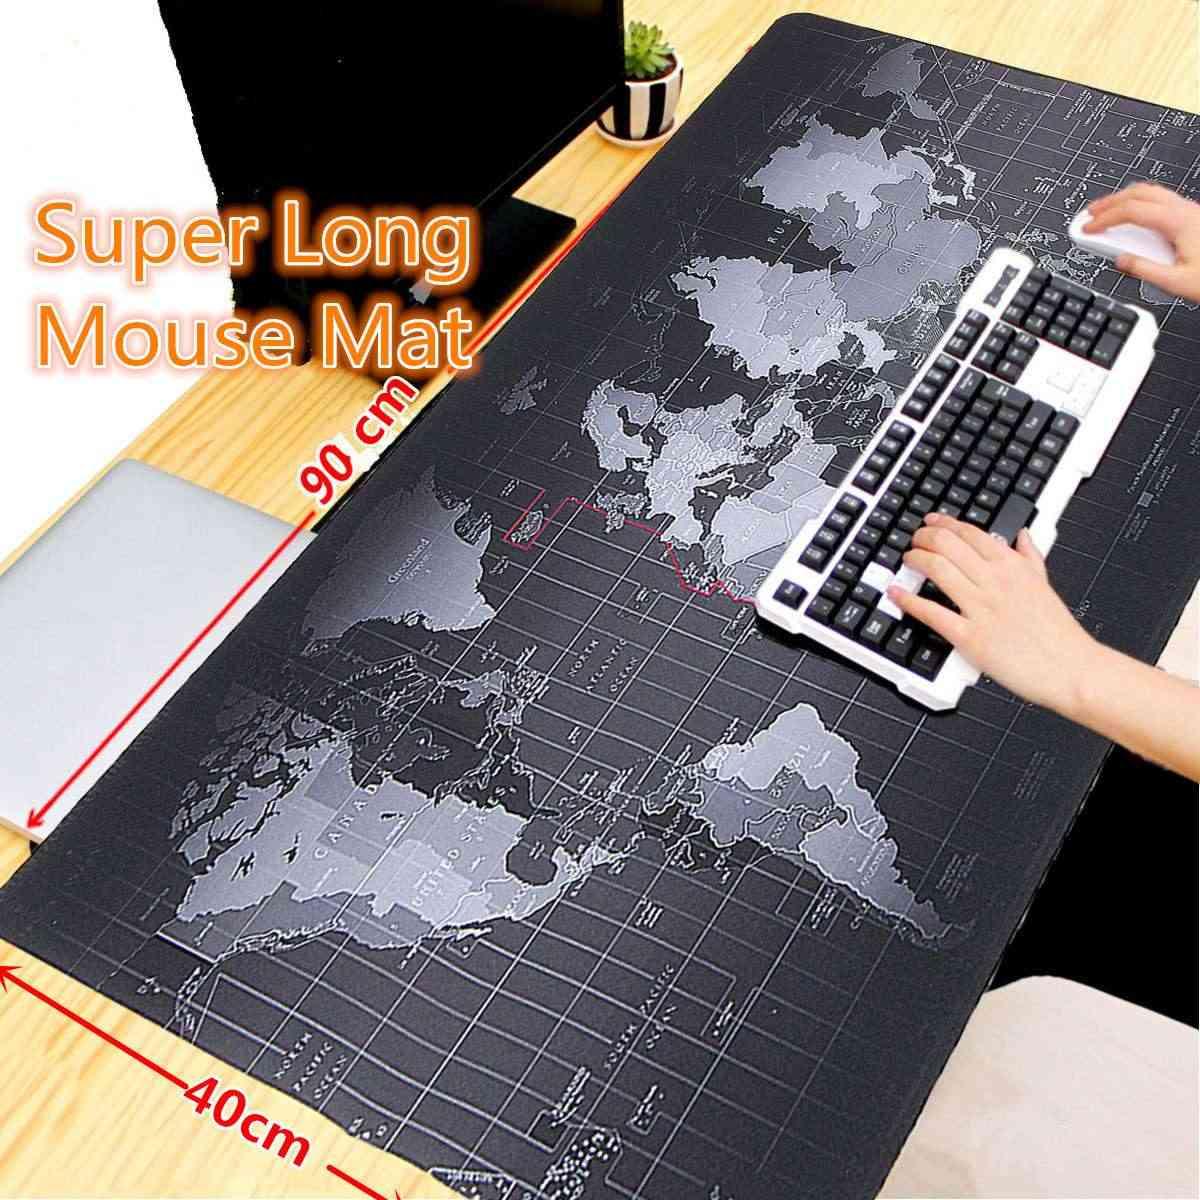 900x400x2mm grande taille carte du monde tapis de souris ordinateur de jeu vitesse clavier de bureau tapis de verrouillage bord tapis de Table pour ordinateur portable